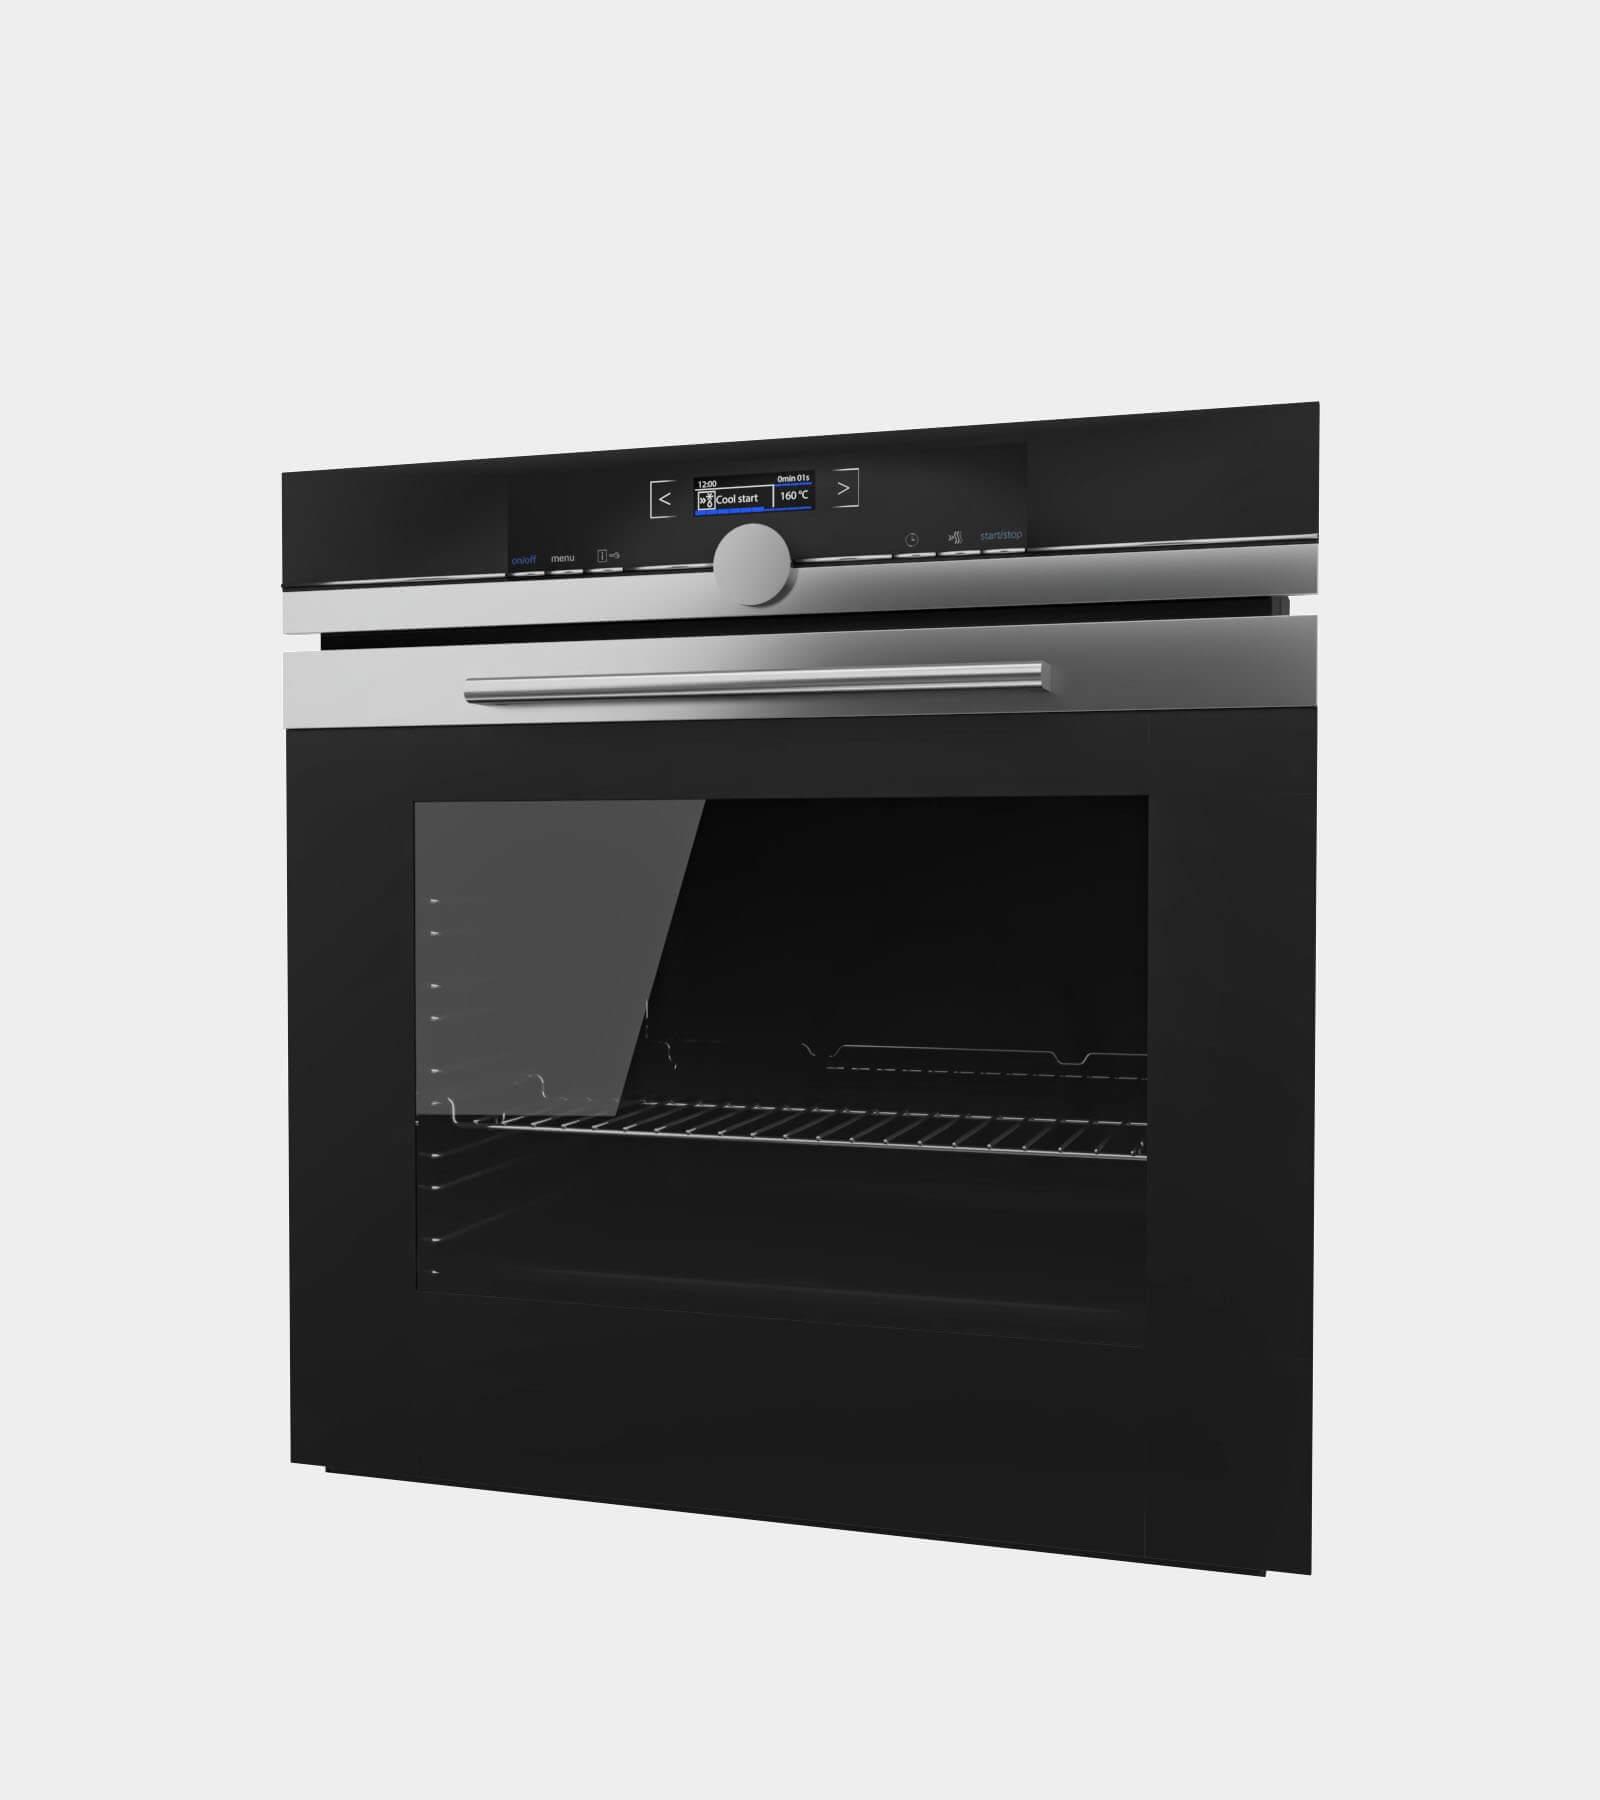 Black oven 2 - 3D Model